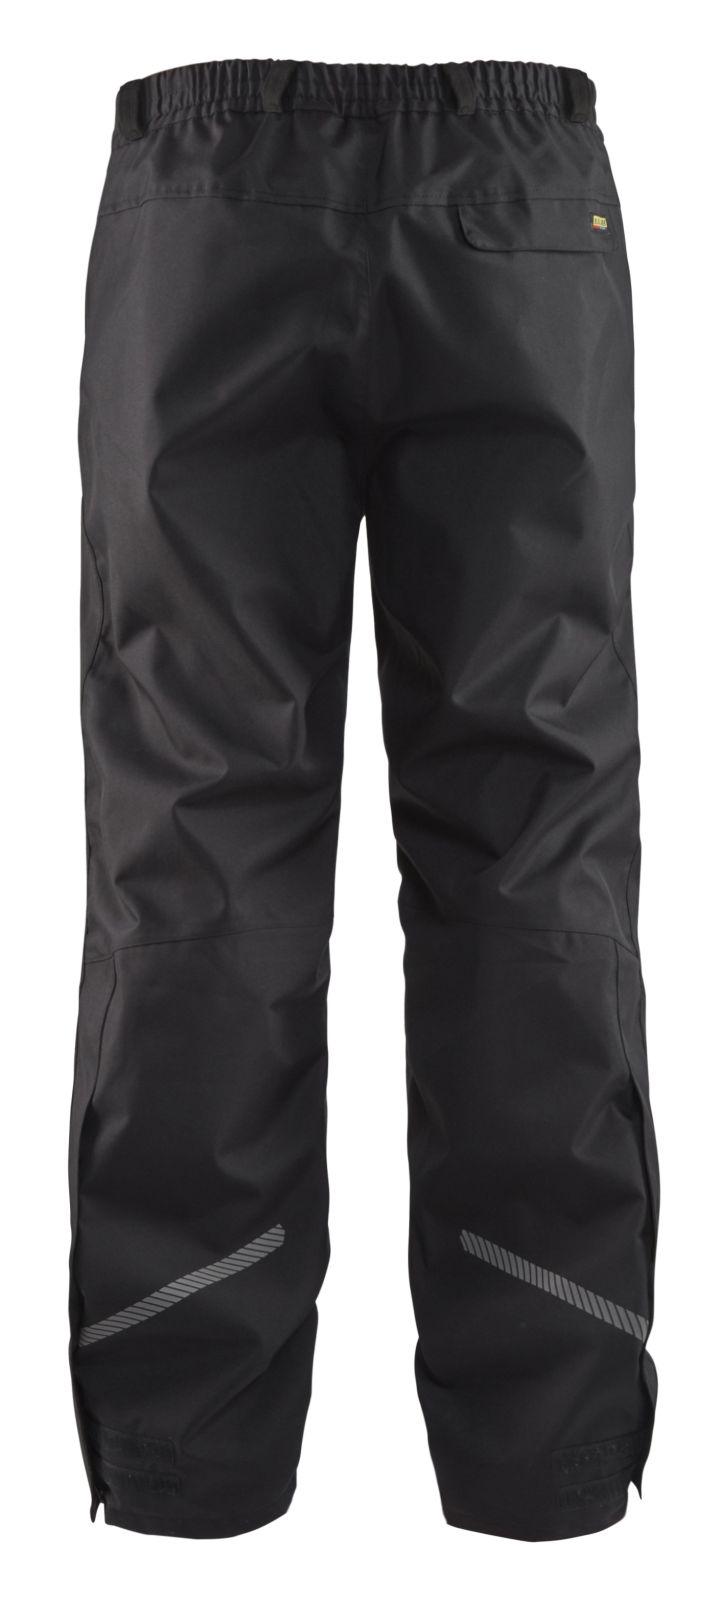 Blaklader Regenbroeken 18901977 Ademend zwart(9900)